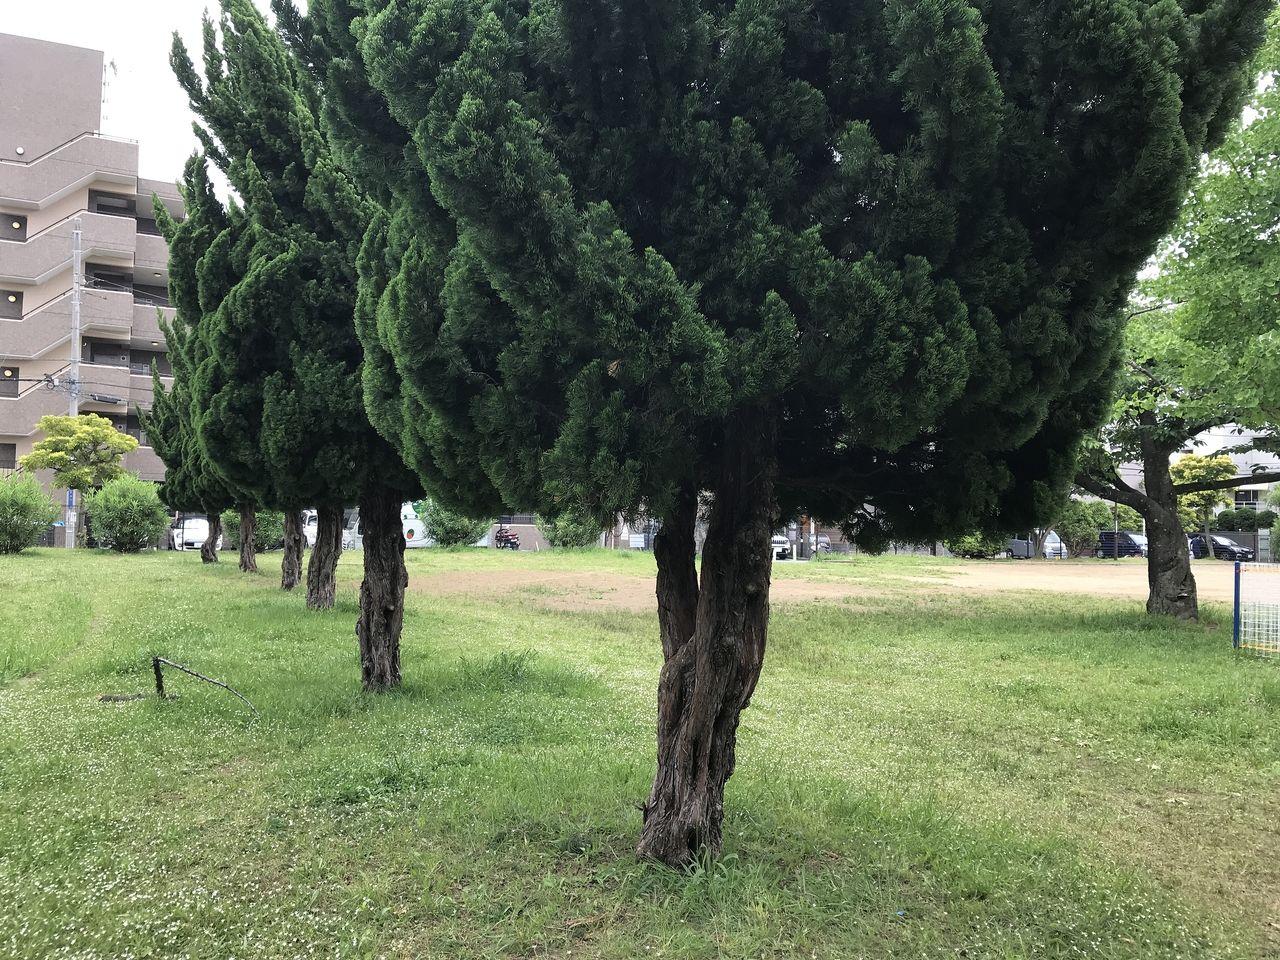 行徳のモエる公園?「押切公園」